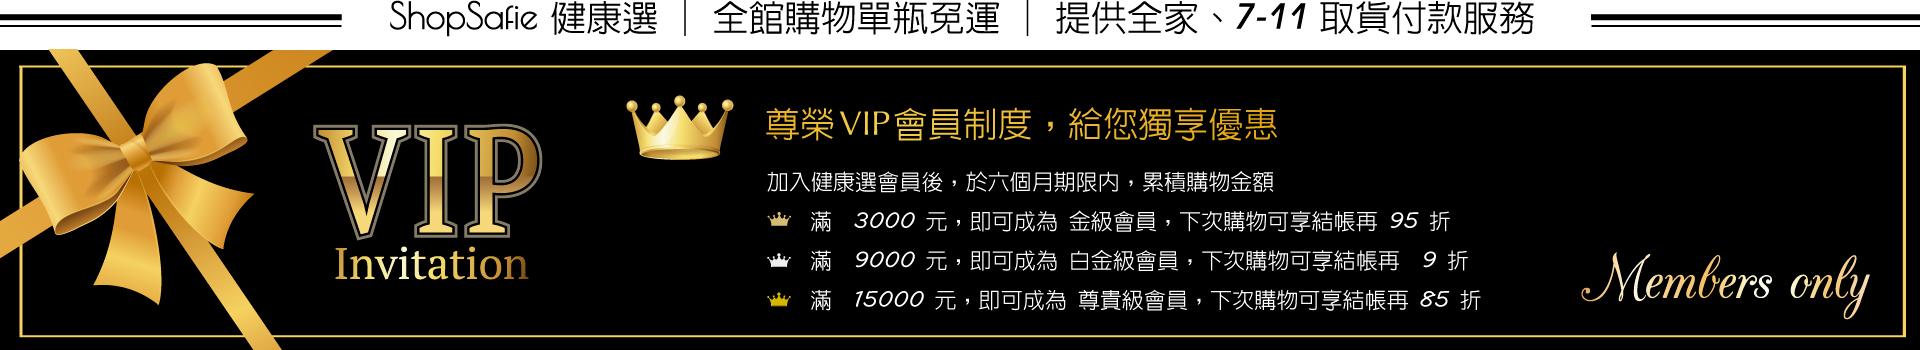 VIP會員制度